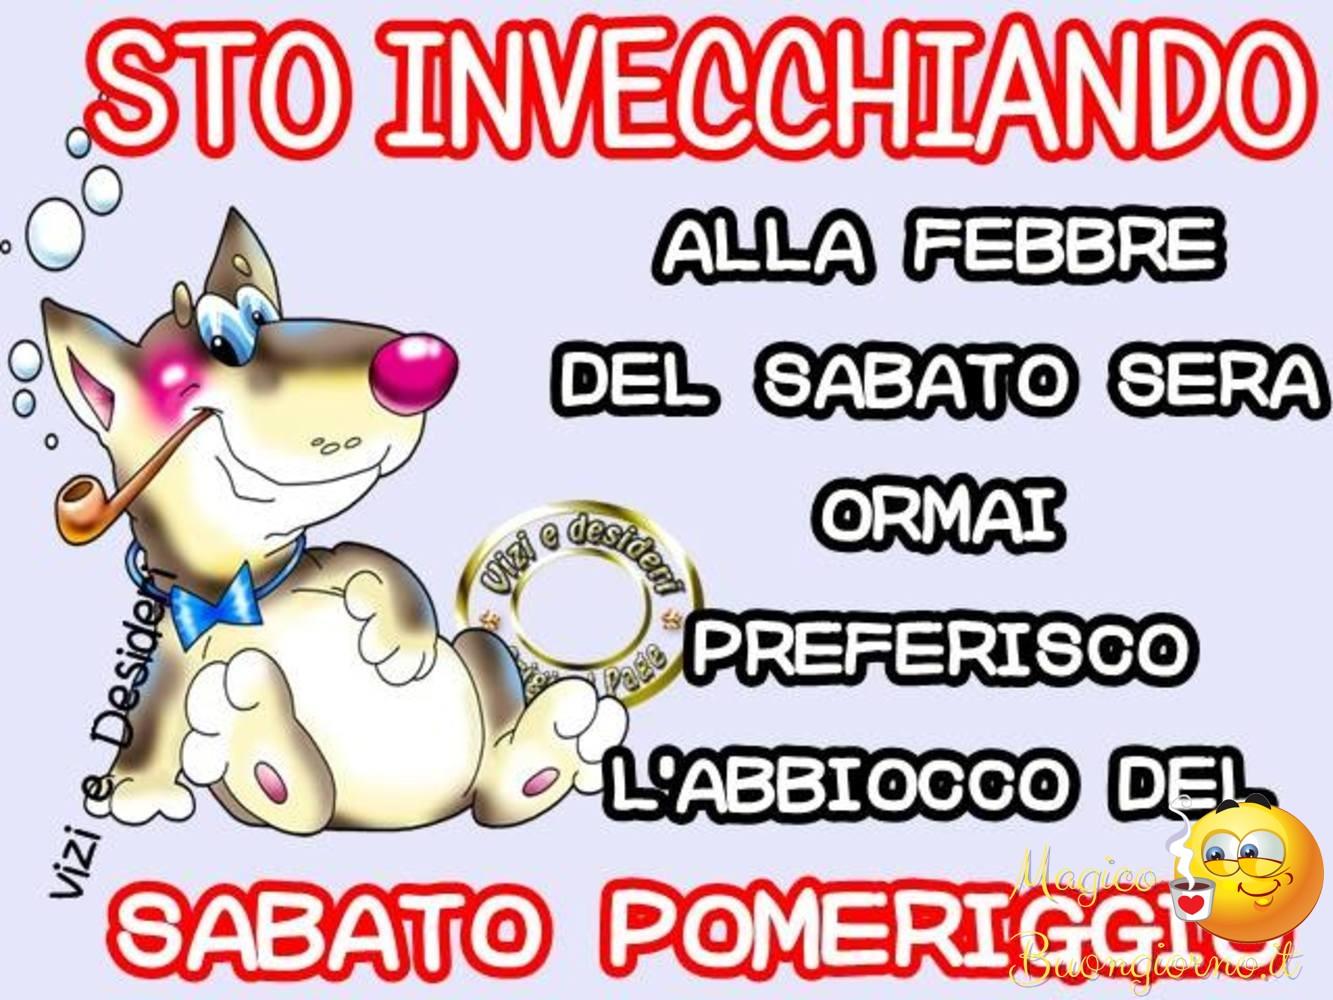 Immagini Per Facebook E Whatsapp Gratis Magicobuongiorno It